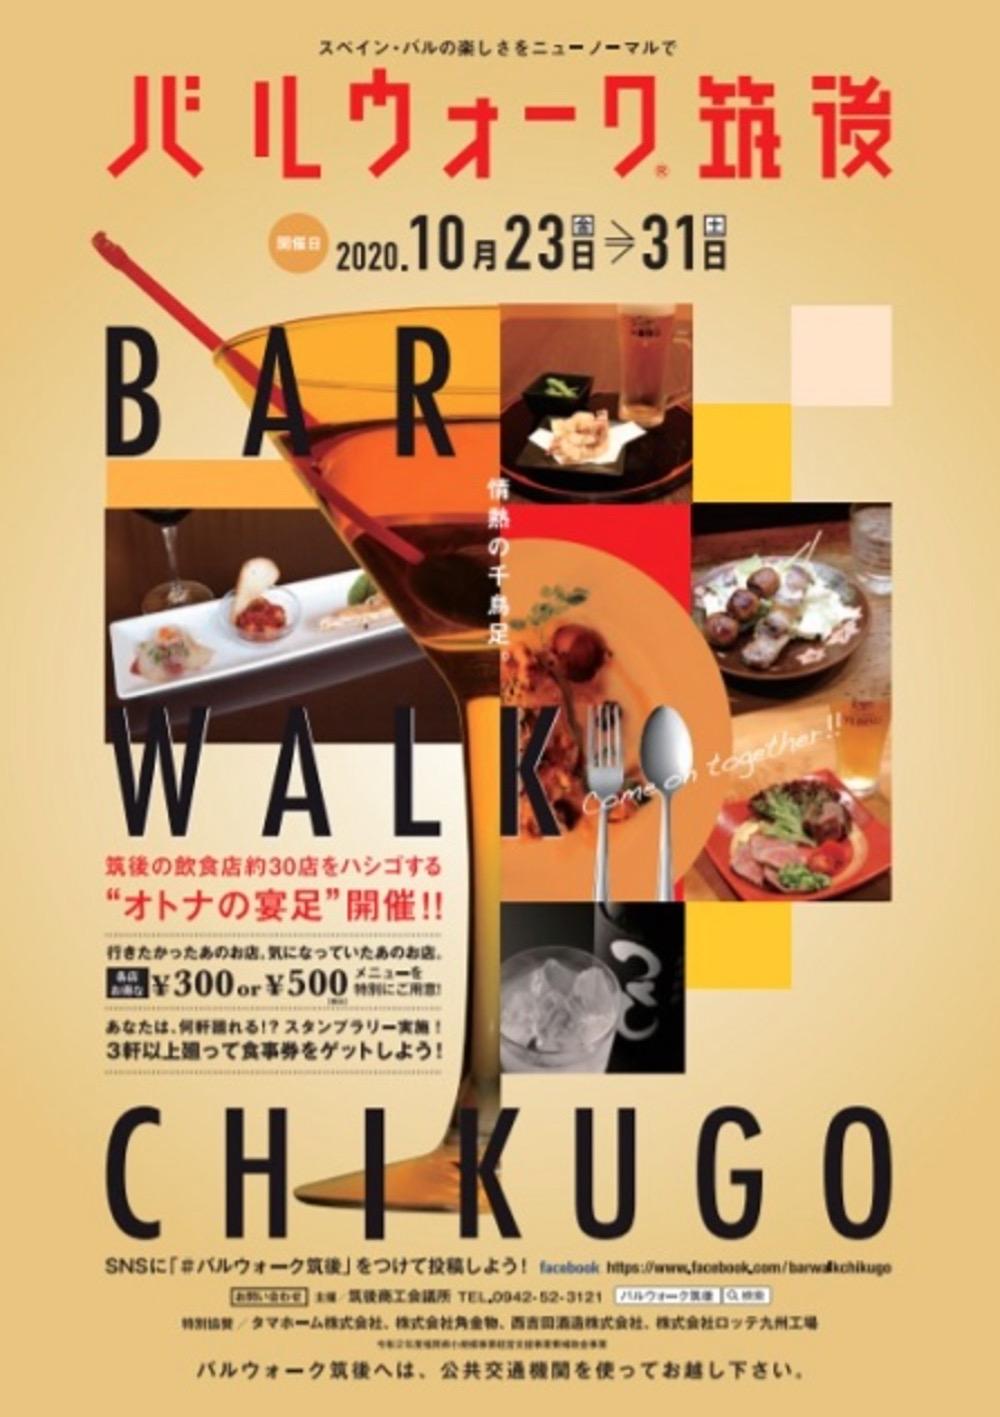 バルウォーク筑後 筑後市内の飲食店を飲み歩くイベント 30店をハシゴ